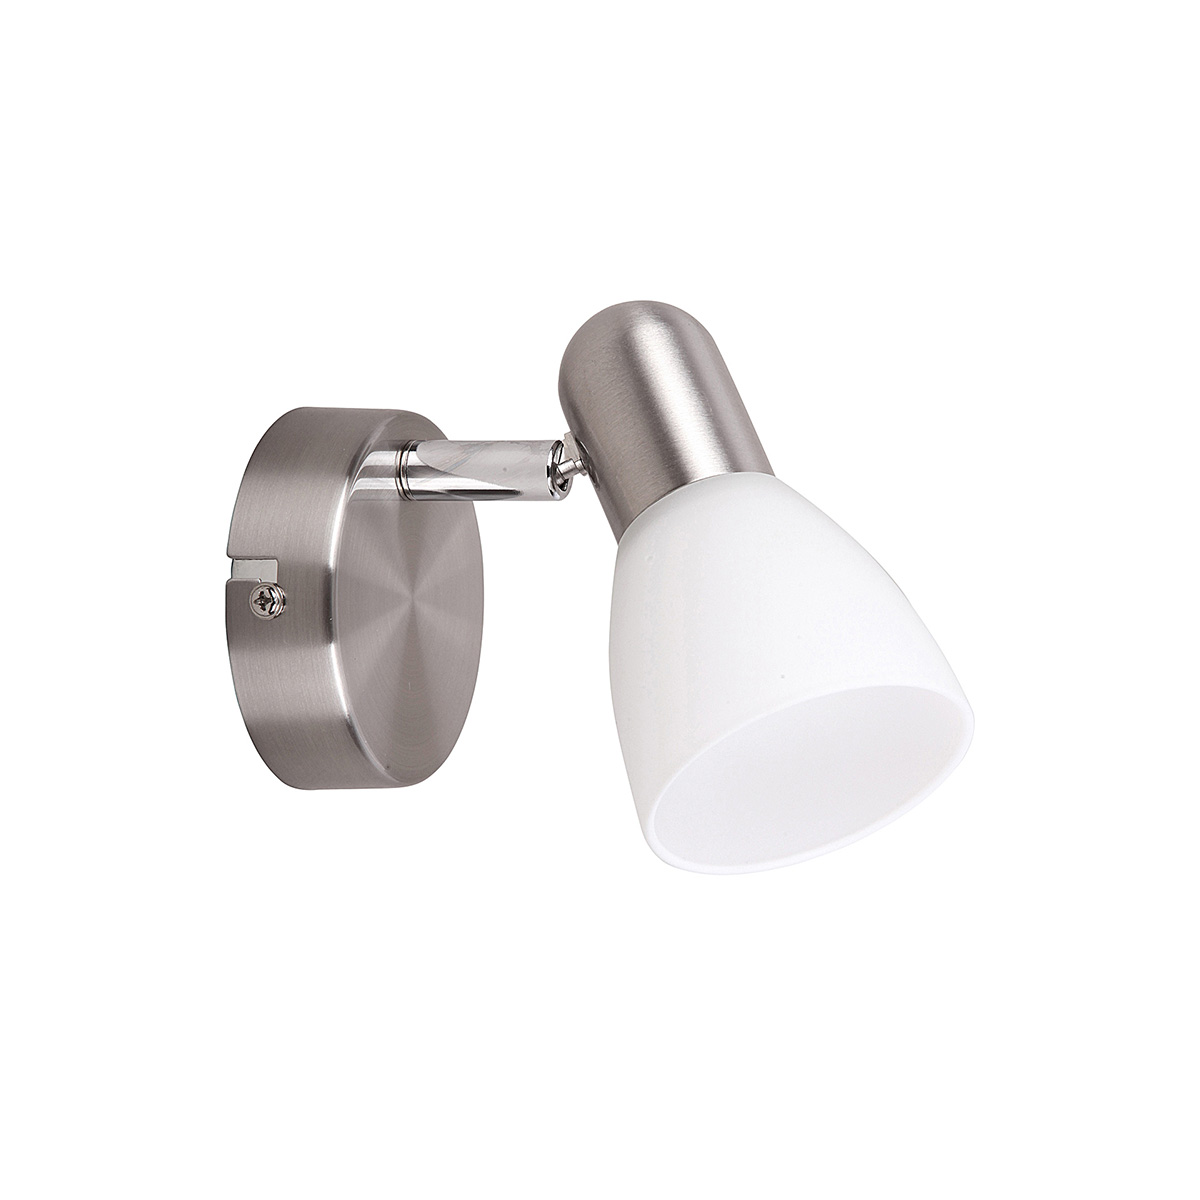 Spot lampa Soma/1 6301